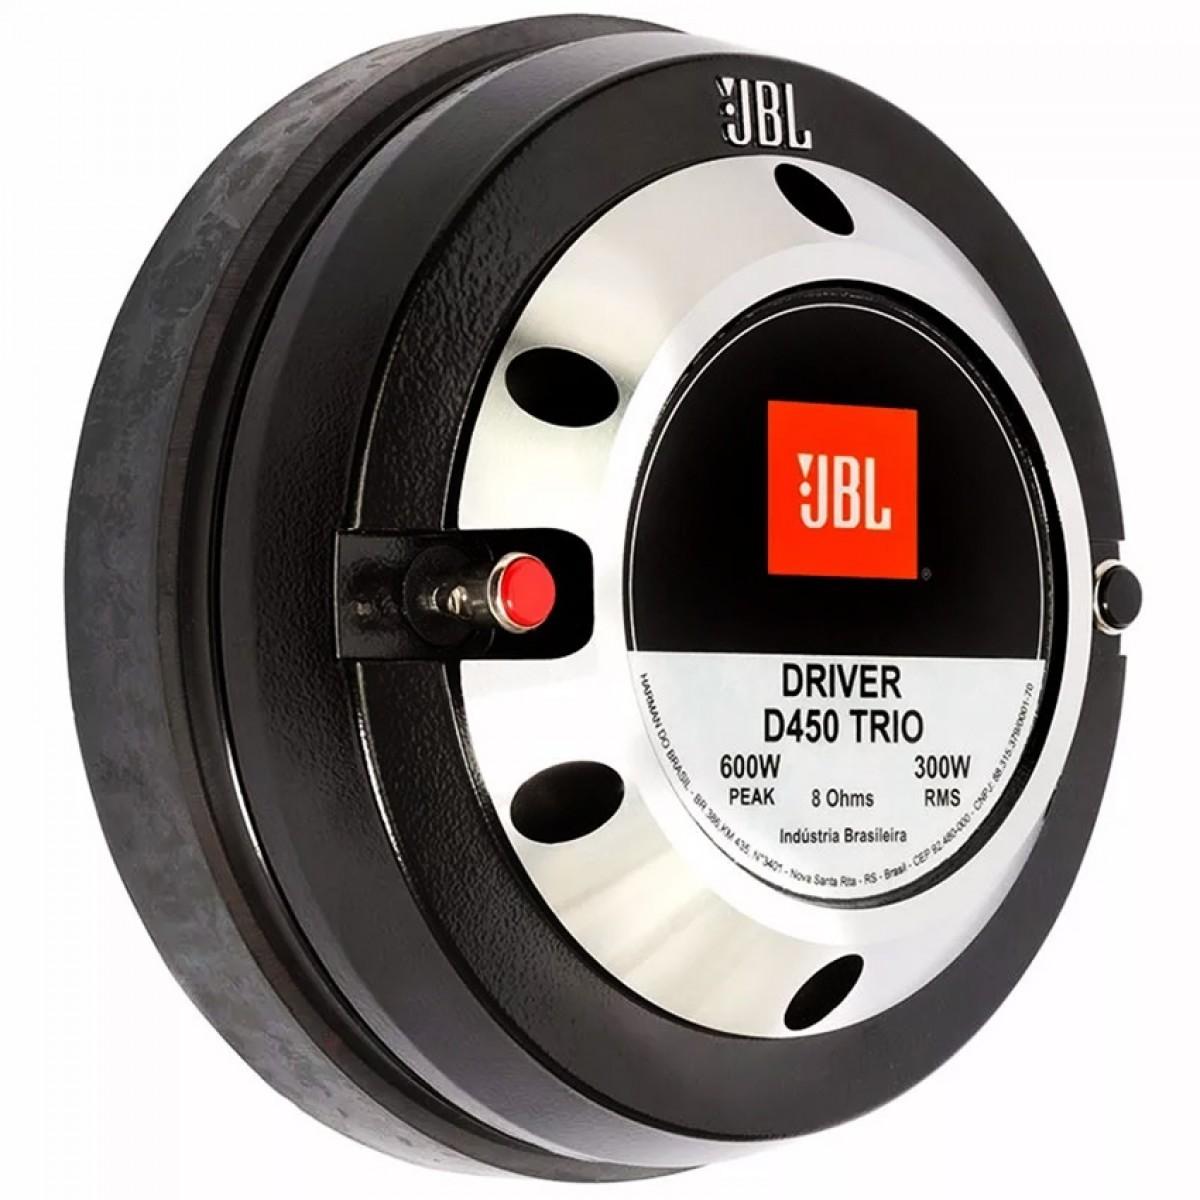 Driver JBL D450 Trio 300w 8ohms